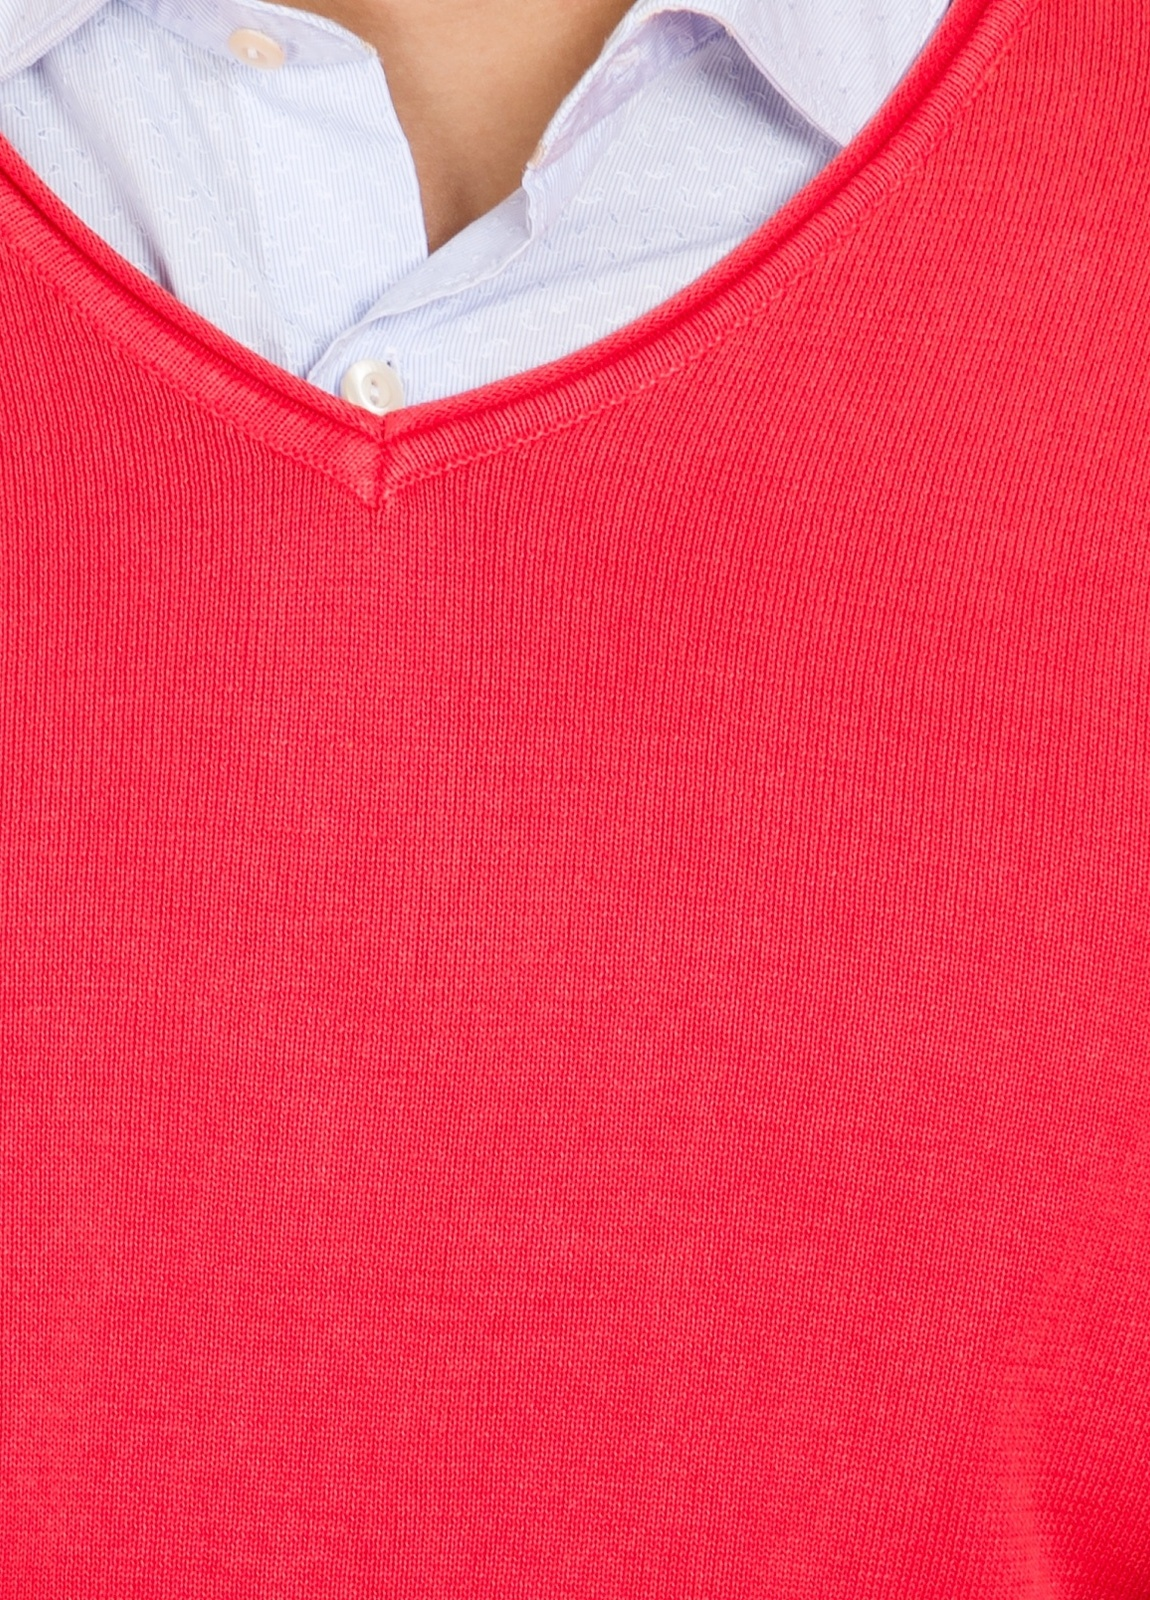 Jersey cuello pico color coral, 100% Algodón lavado. - Ítem2